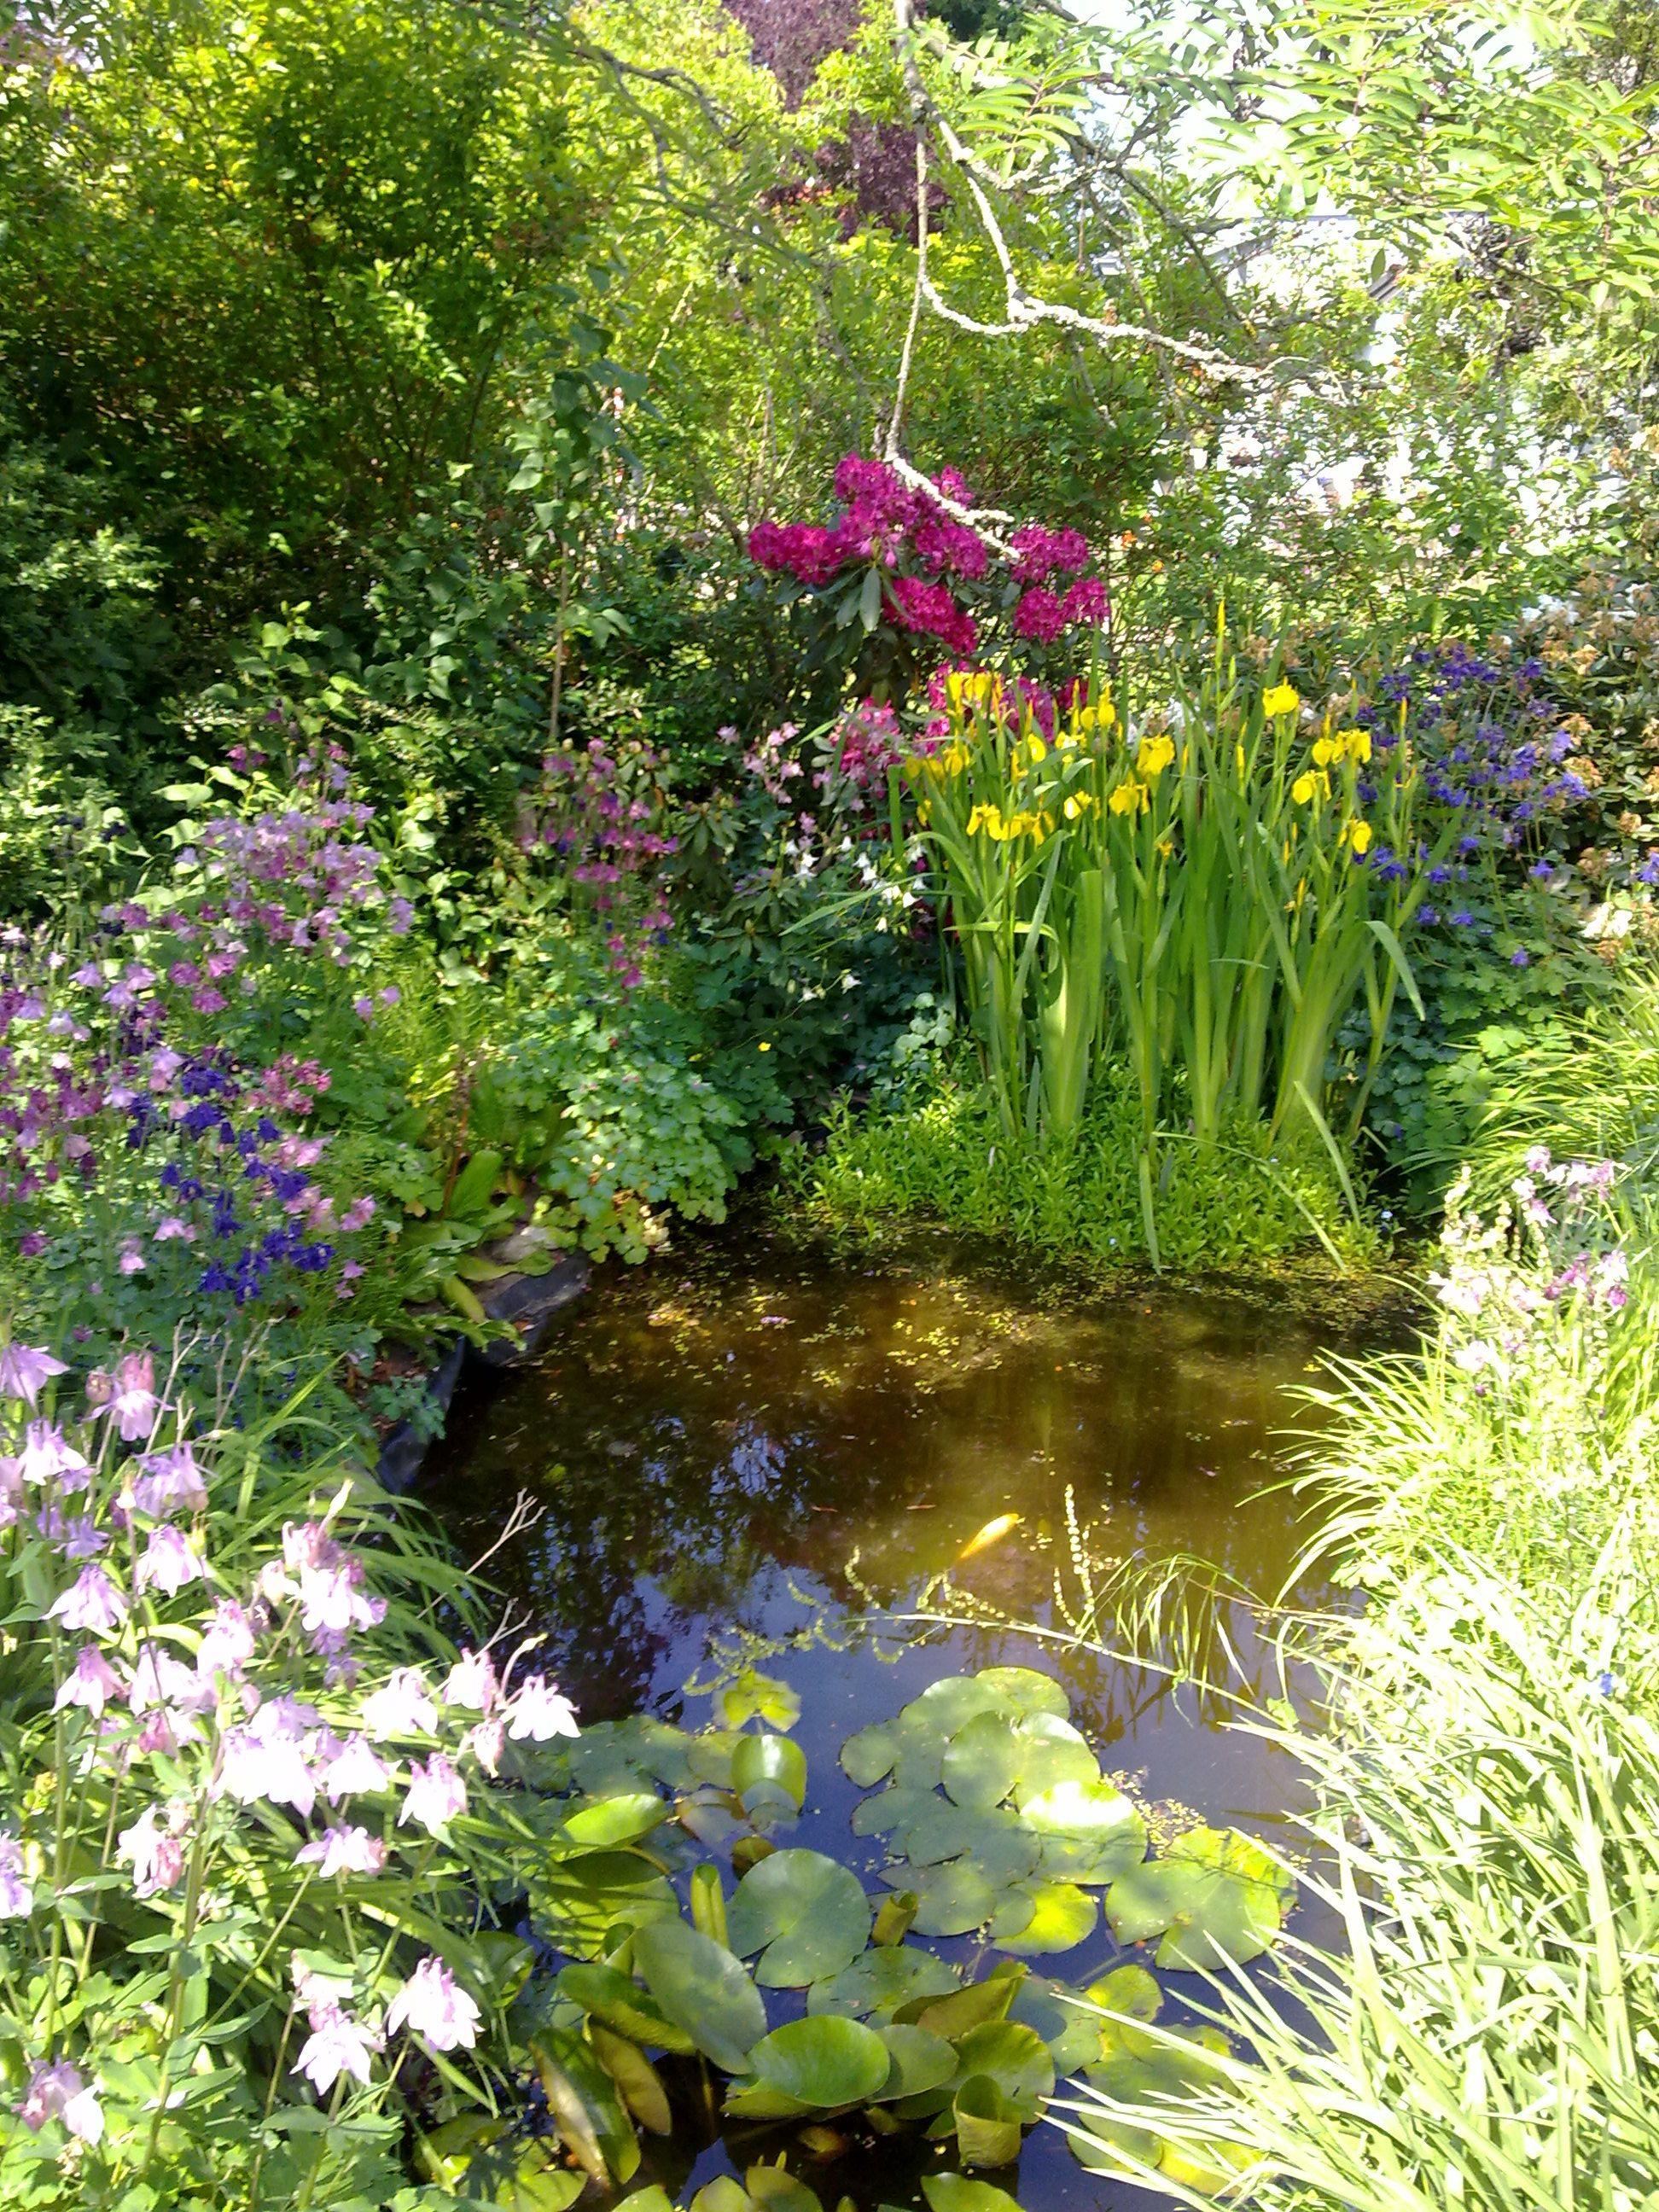 Sommer im Garten, da fehlt nur noch ein Glas Rotkäppchen ...